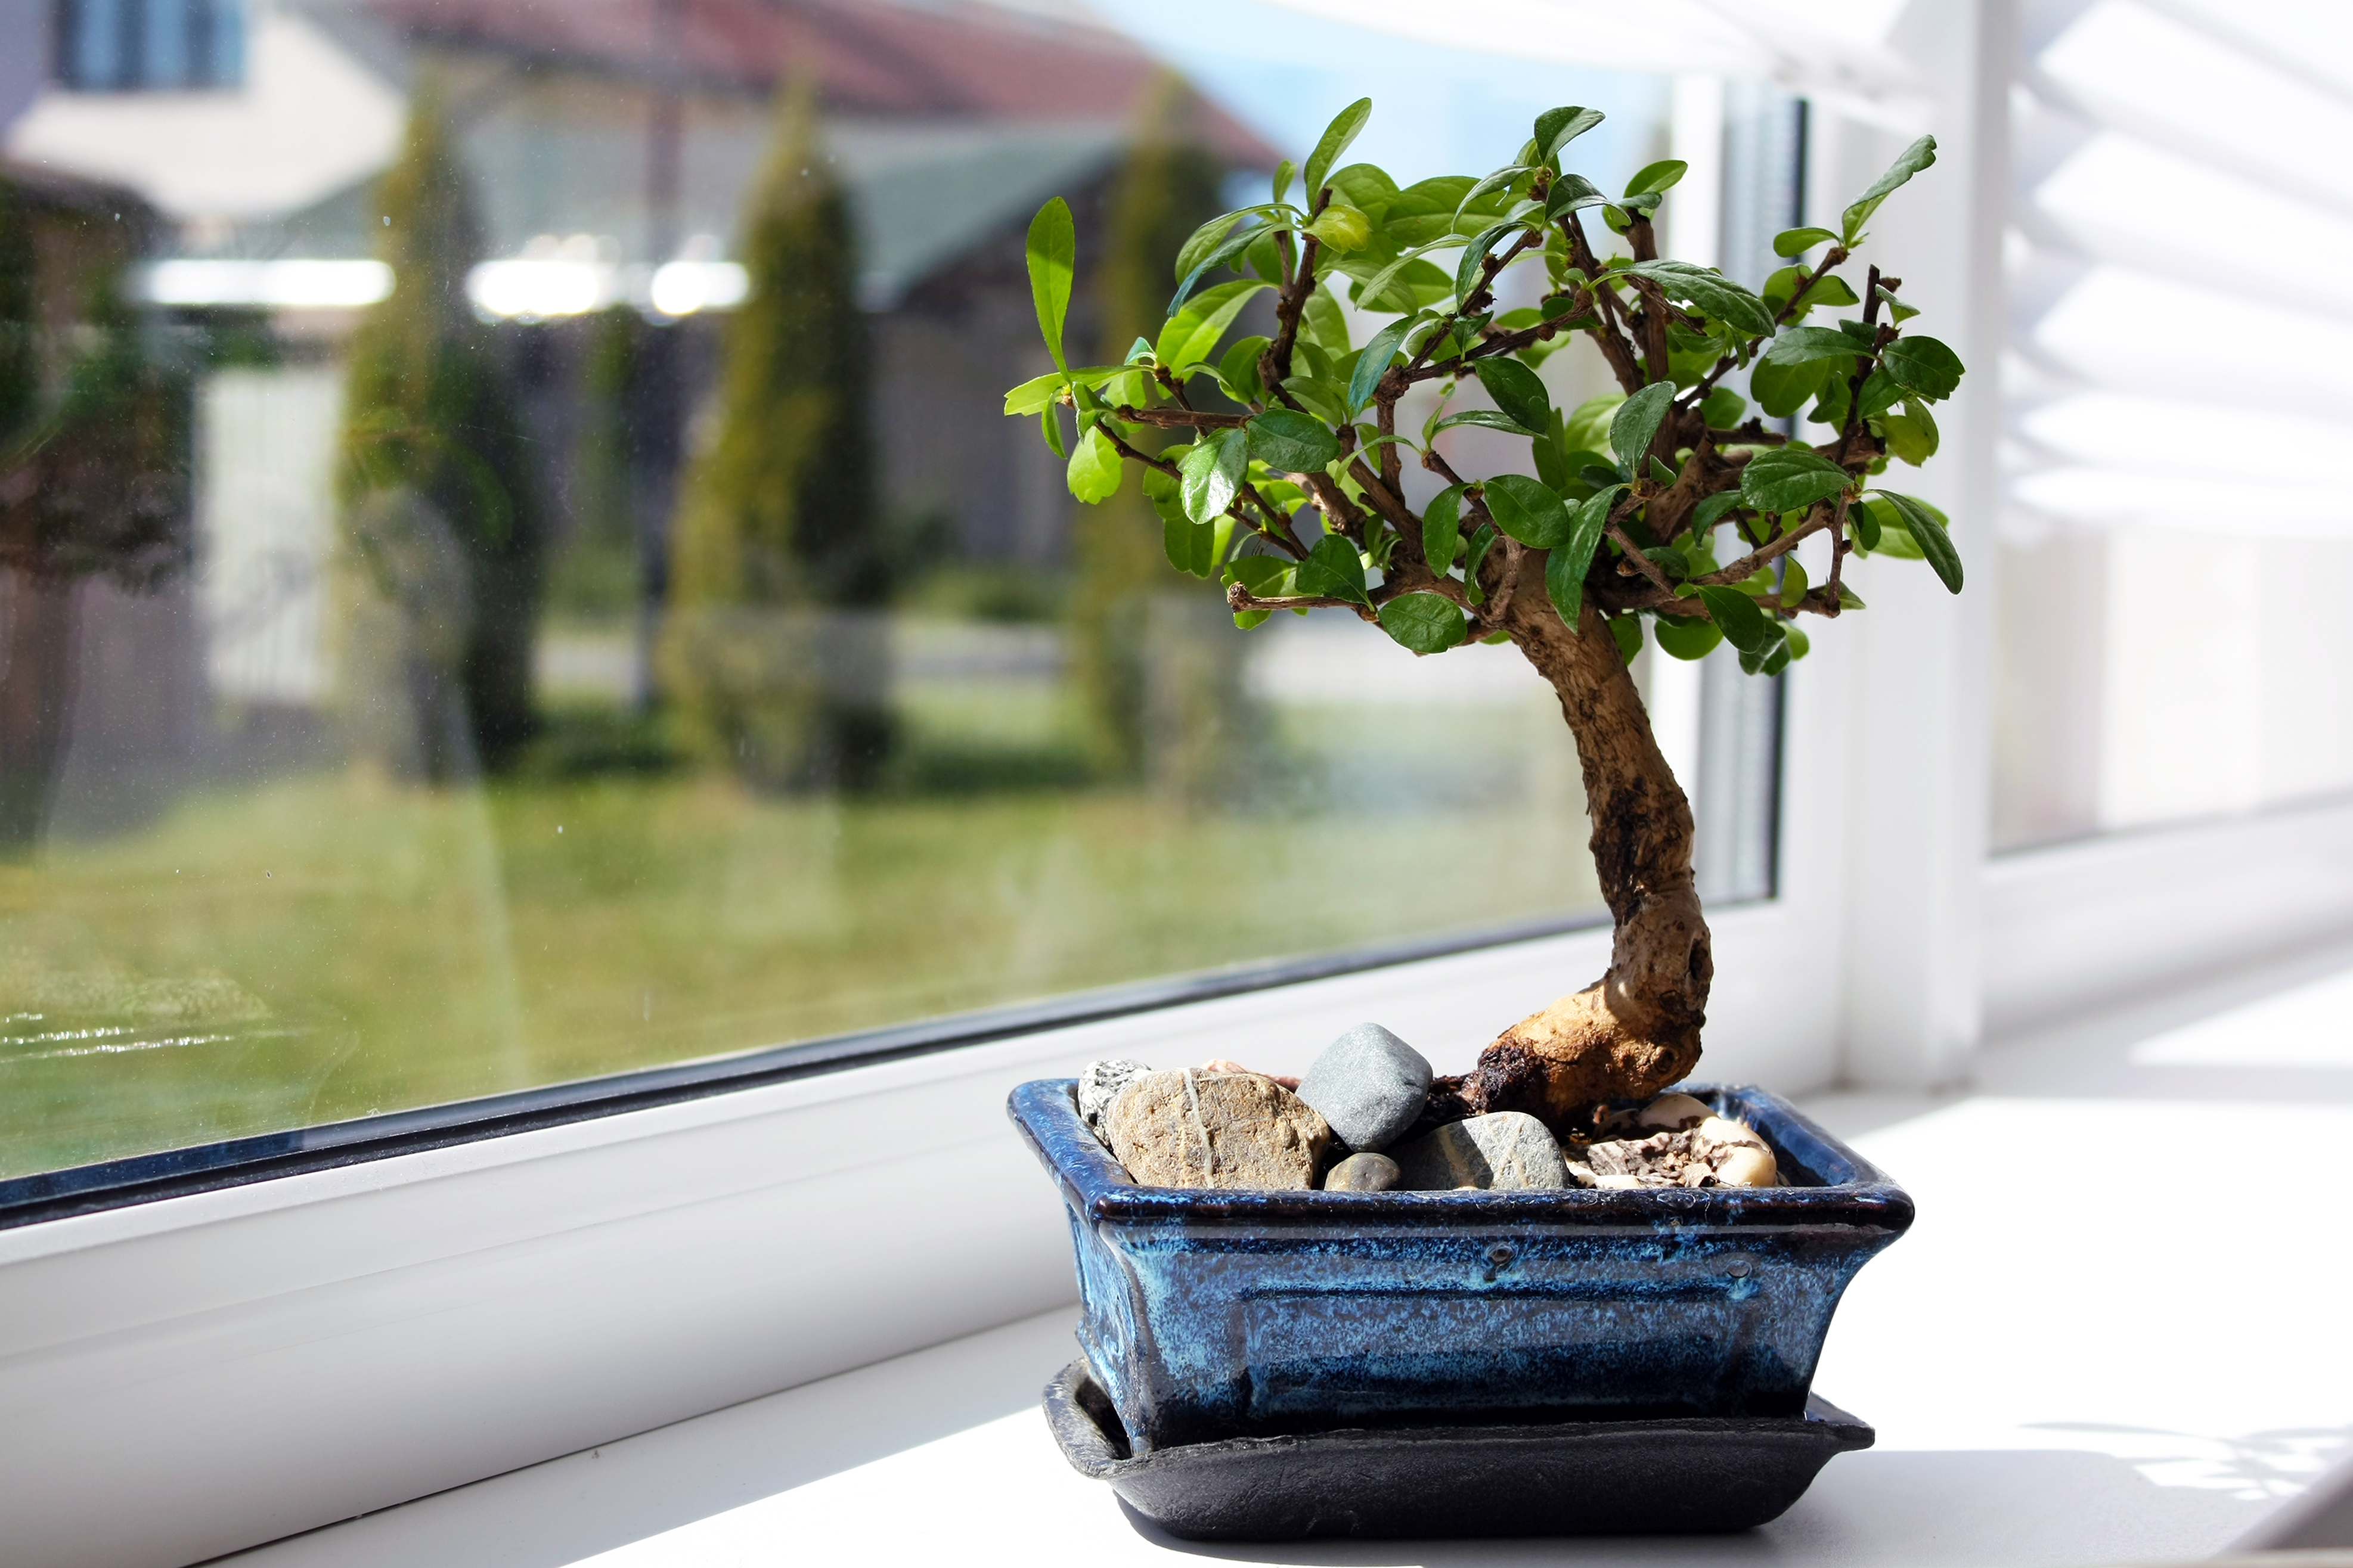 Come Far Morire Una Pianta scopri come curare i bonsai al meglio | fito